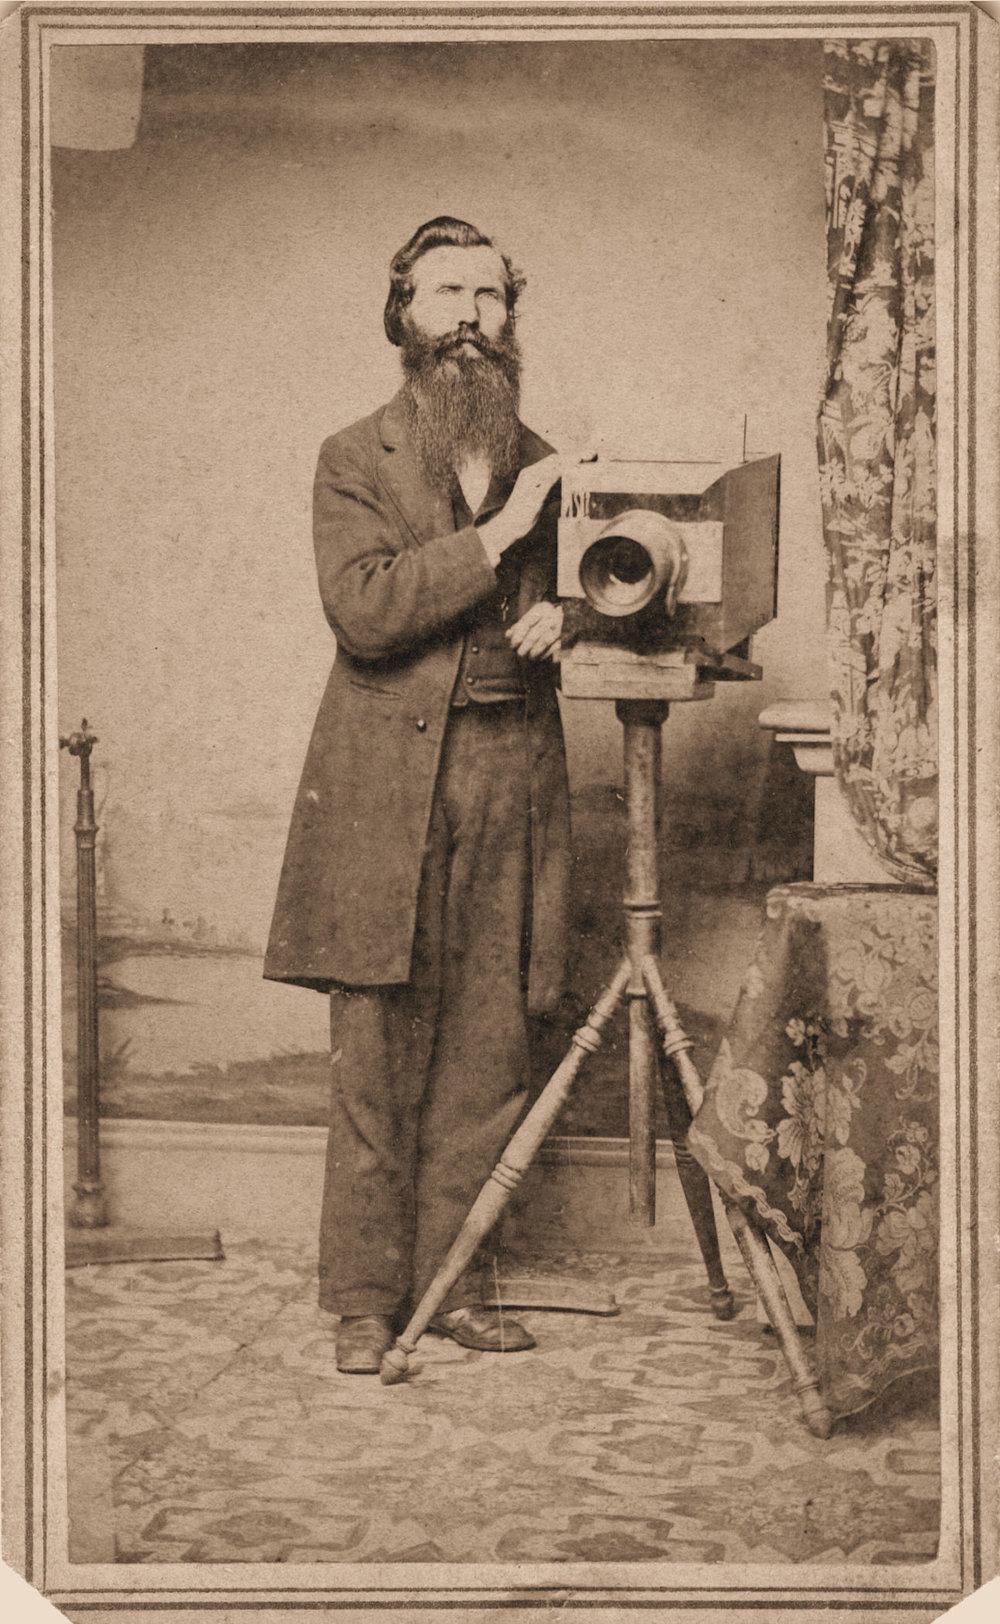 M.H. Mould